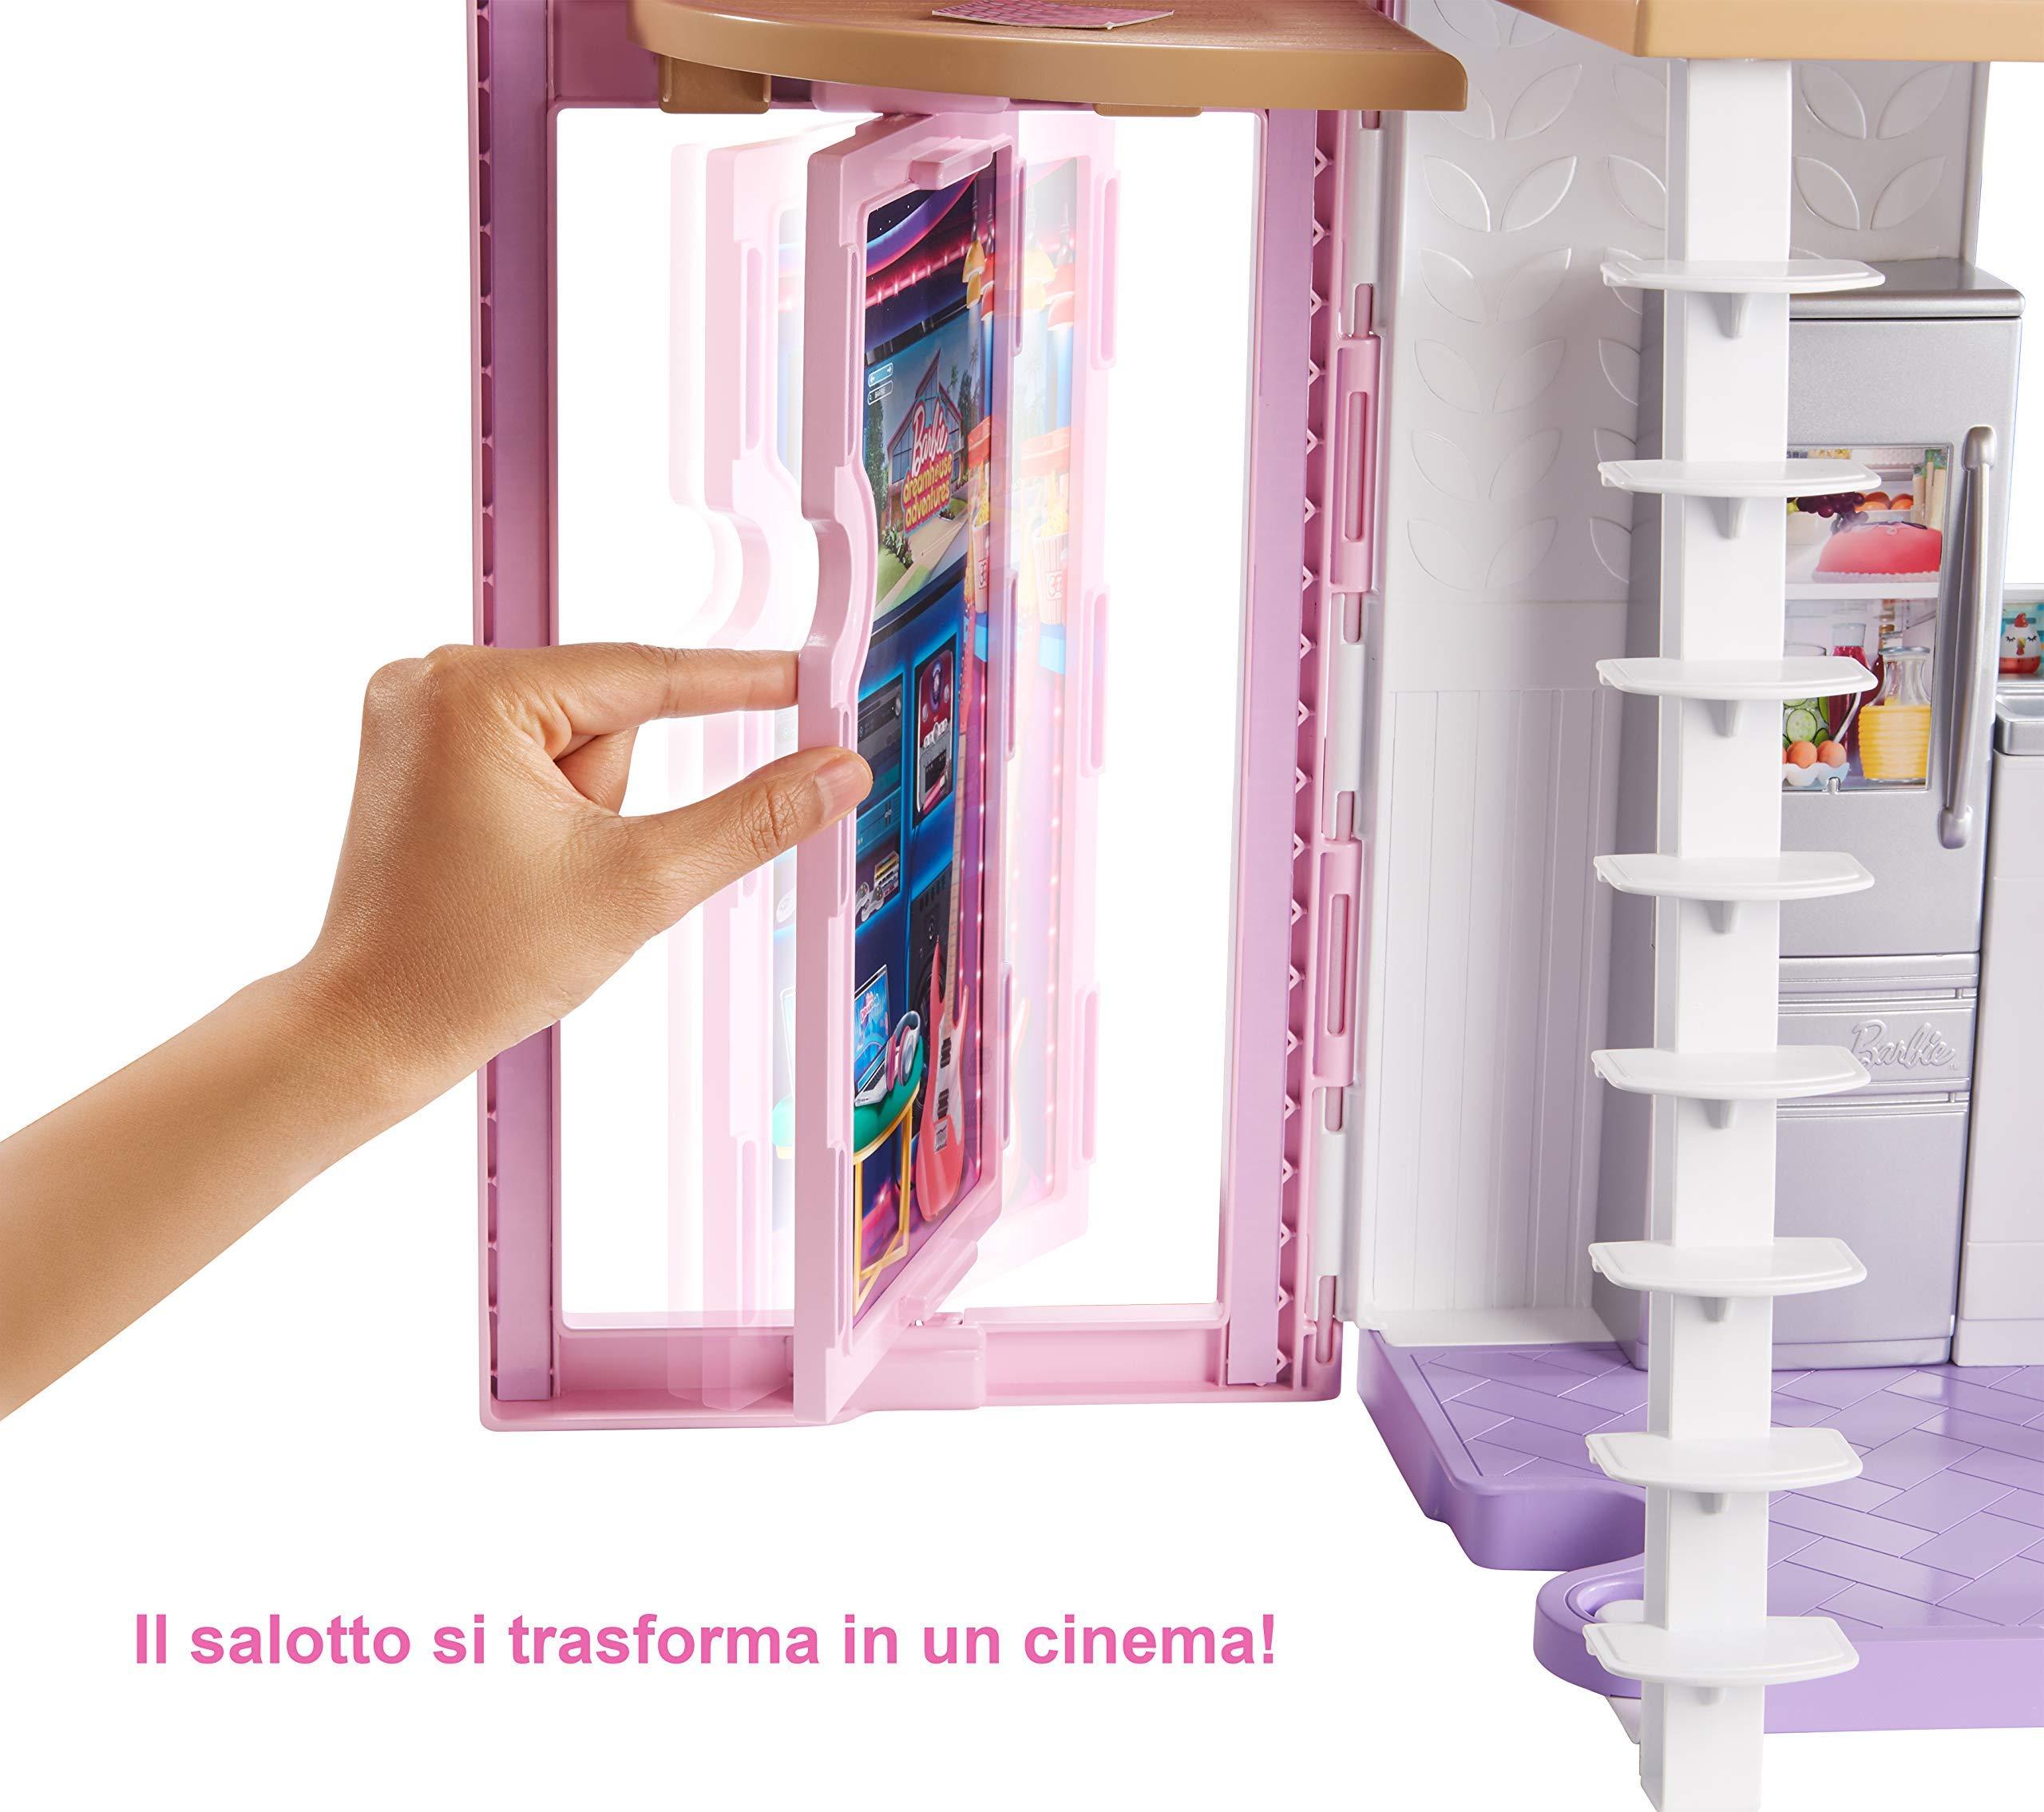 Barbie- La Nuova Casa di Malibu, Playset Richiudibile su Due Piani con Accessori, 61 cm, Giocattolo per Bambini 3+ Anni… 5 spesavip